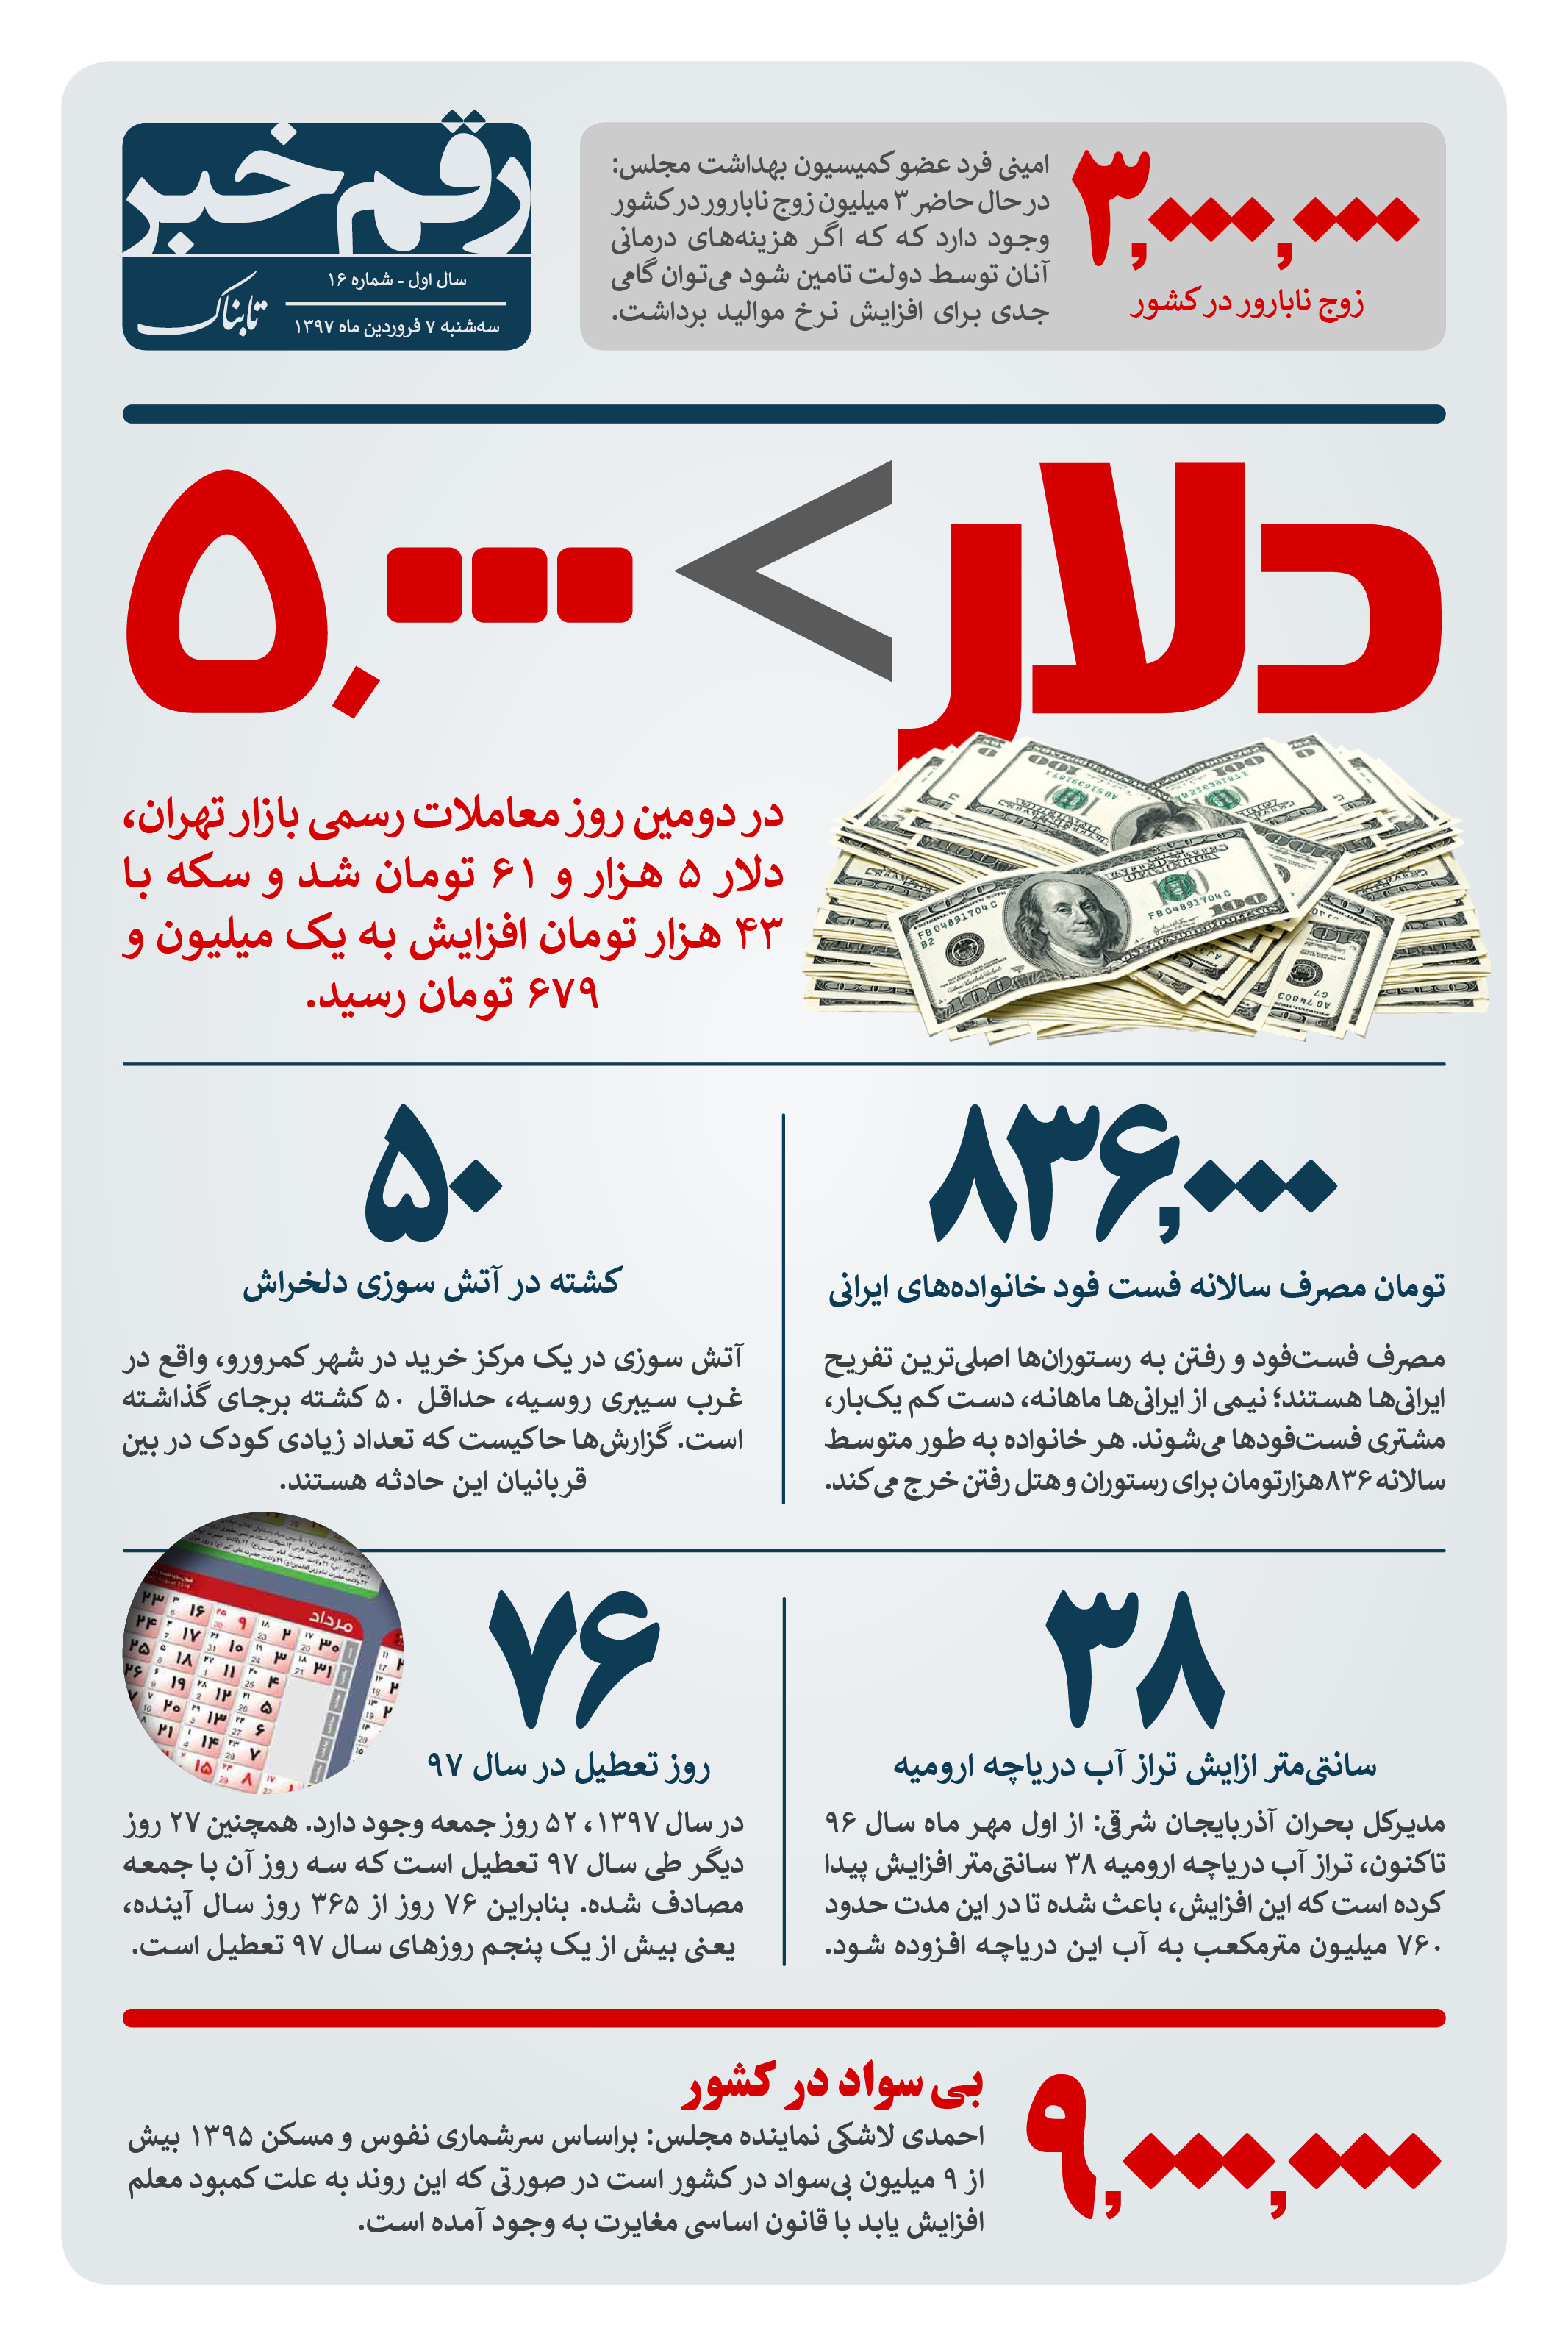 رقم خبر: دلار > 5000 تومان